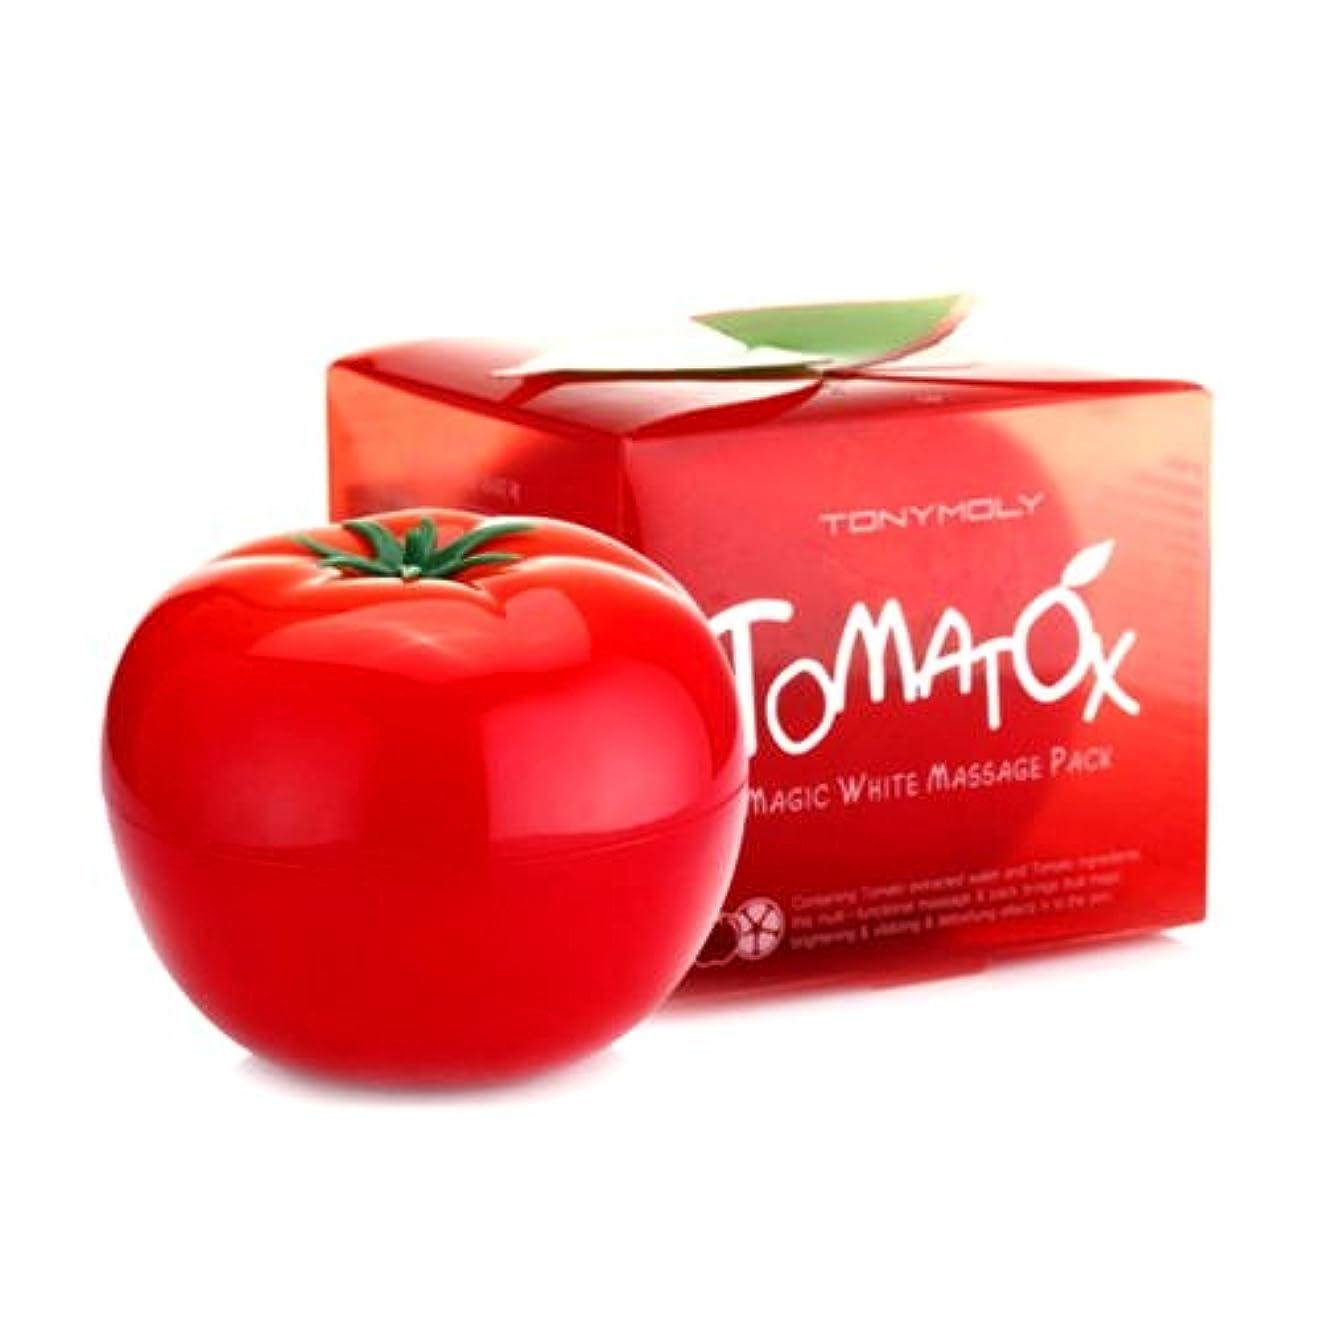 誠実さ辞任超音速(6 Pack) TONYMOLY Tomatox Magic Massage Pack (並行輸入品)